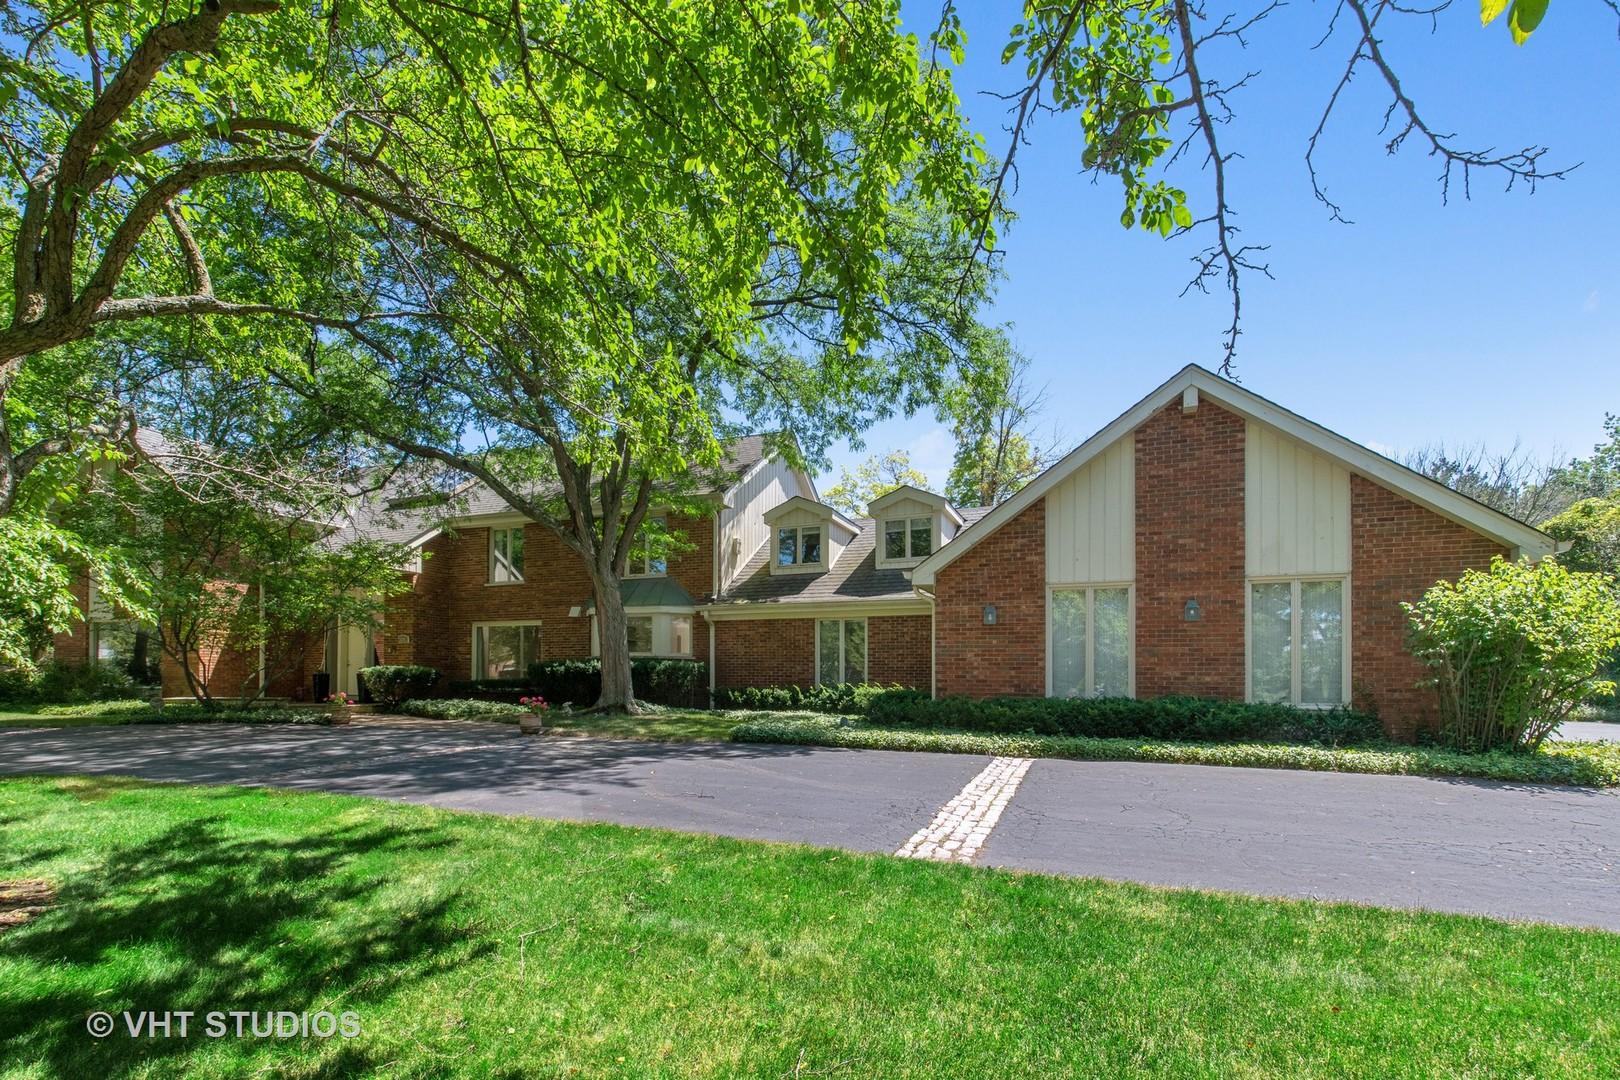 2086 Malory ,Highland Park, Illinois 60035